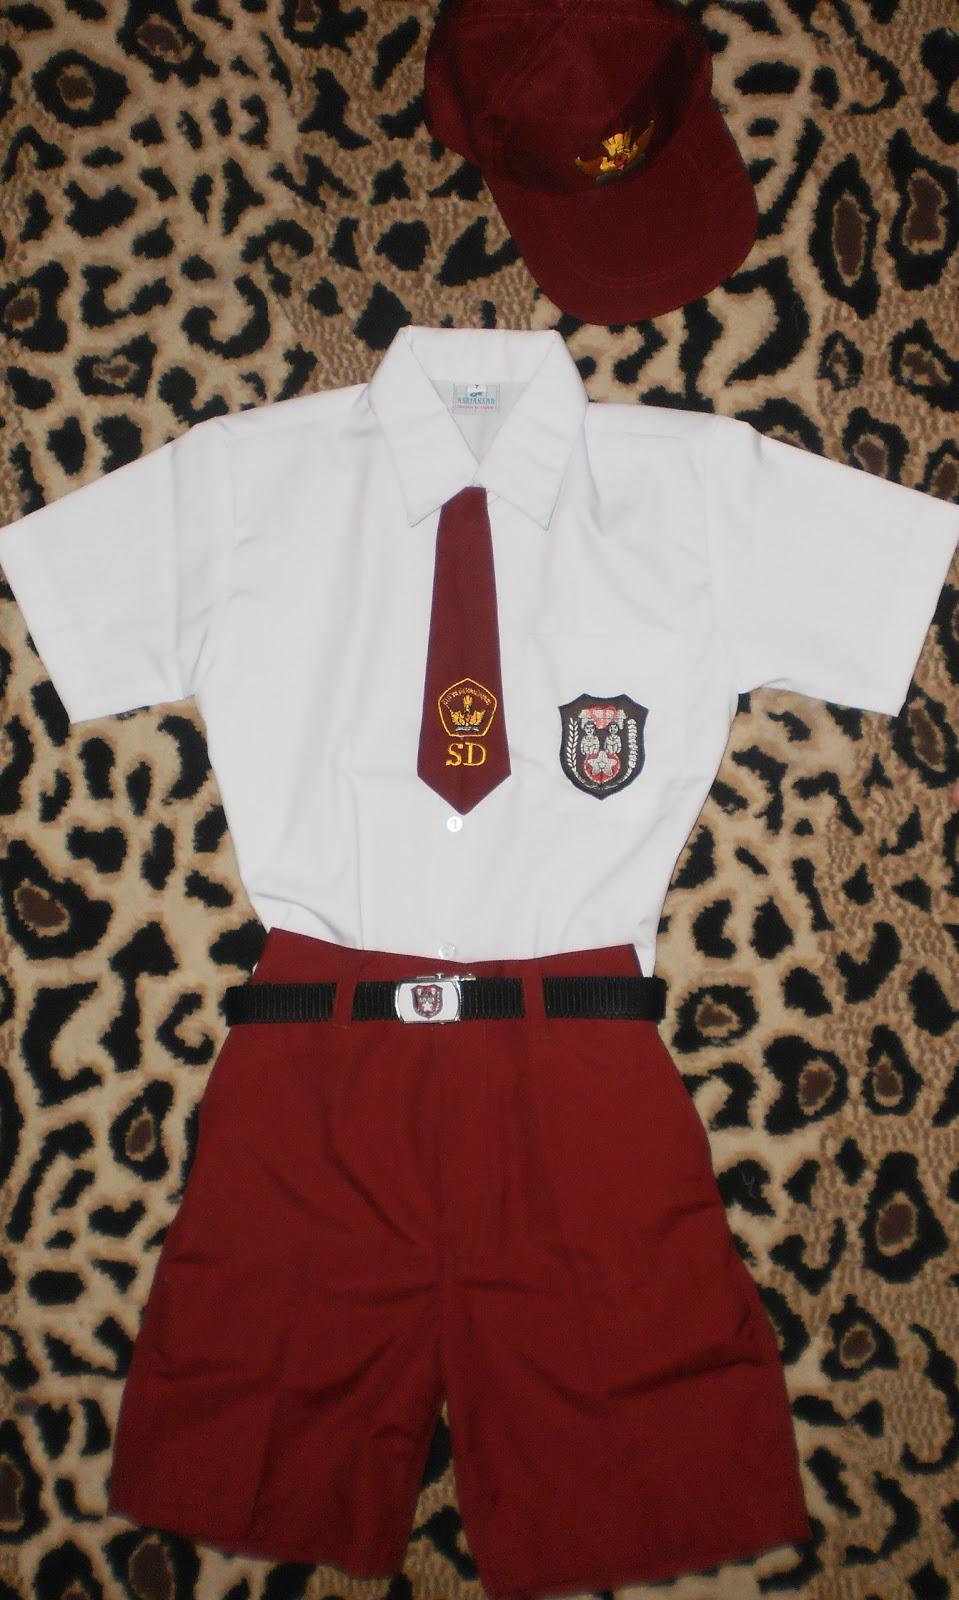 Uniform Of School gambargambar seragam sekolah